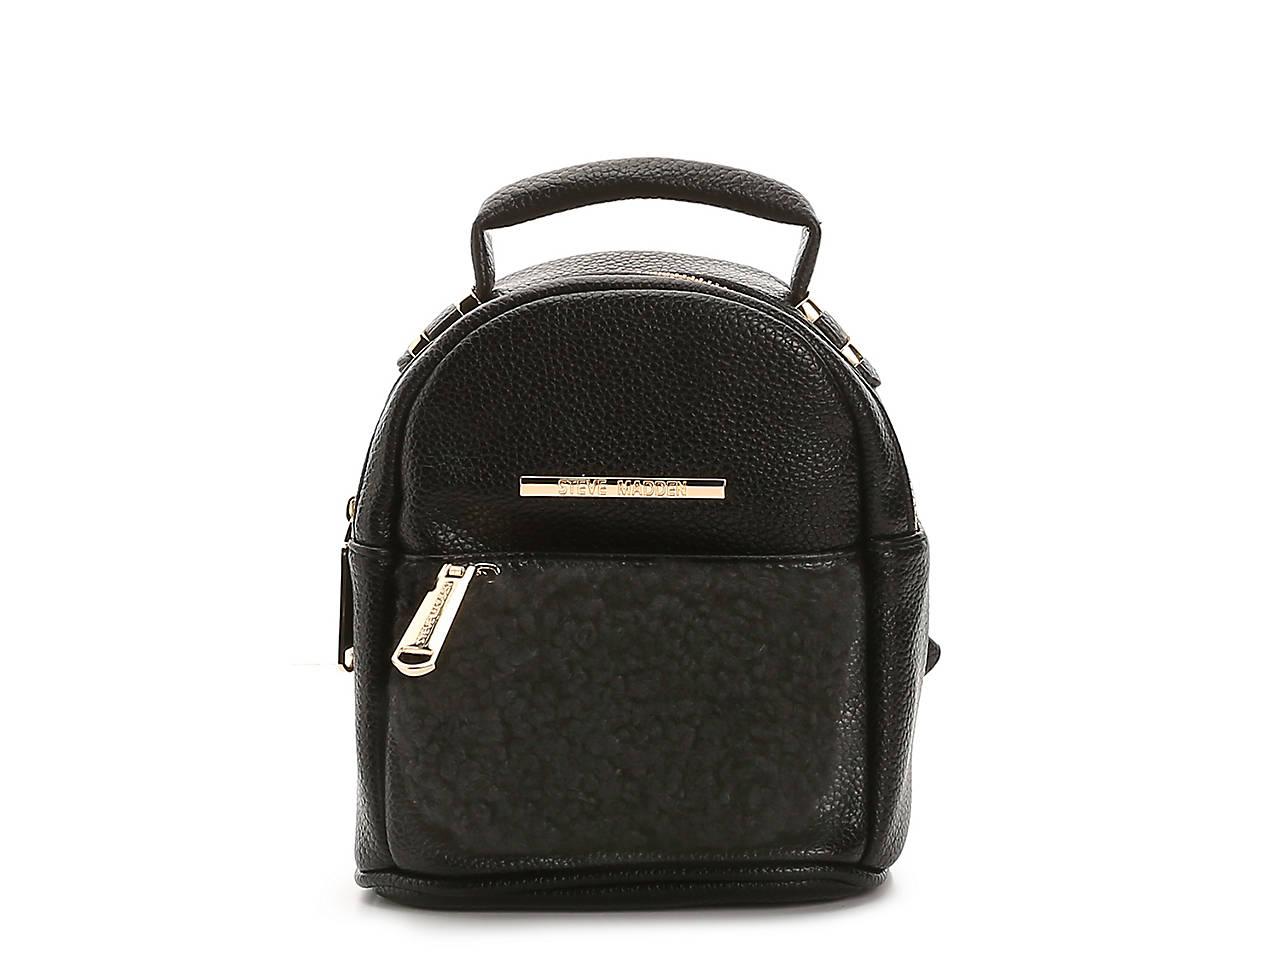 52bcc575dcbf Steve Madden Maisy Mini Backpack Women s Handbags   Accessories